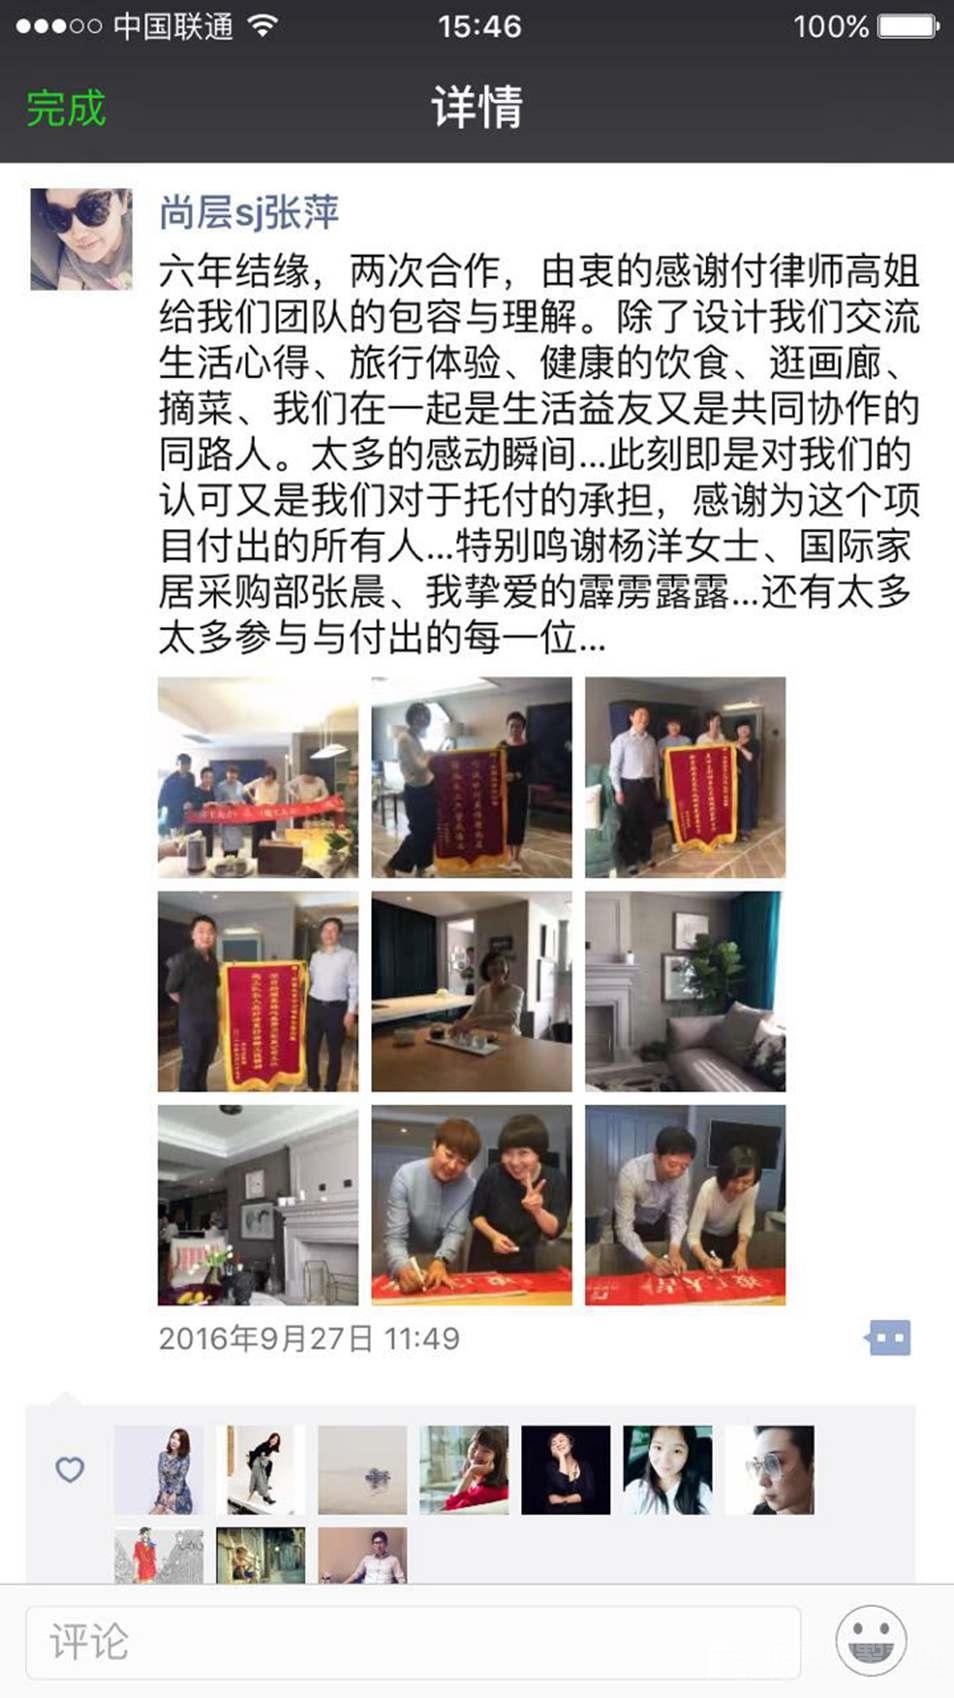 江苏快3网上信誉平台_江苏快3网上投注网站设计师张萍朋友圈竣工感言